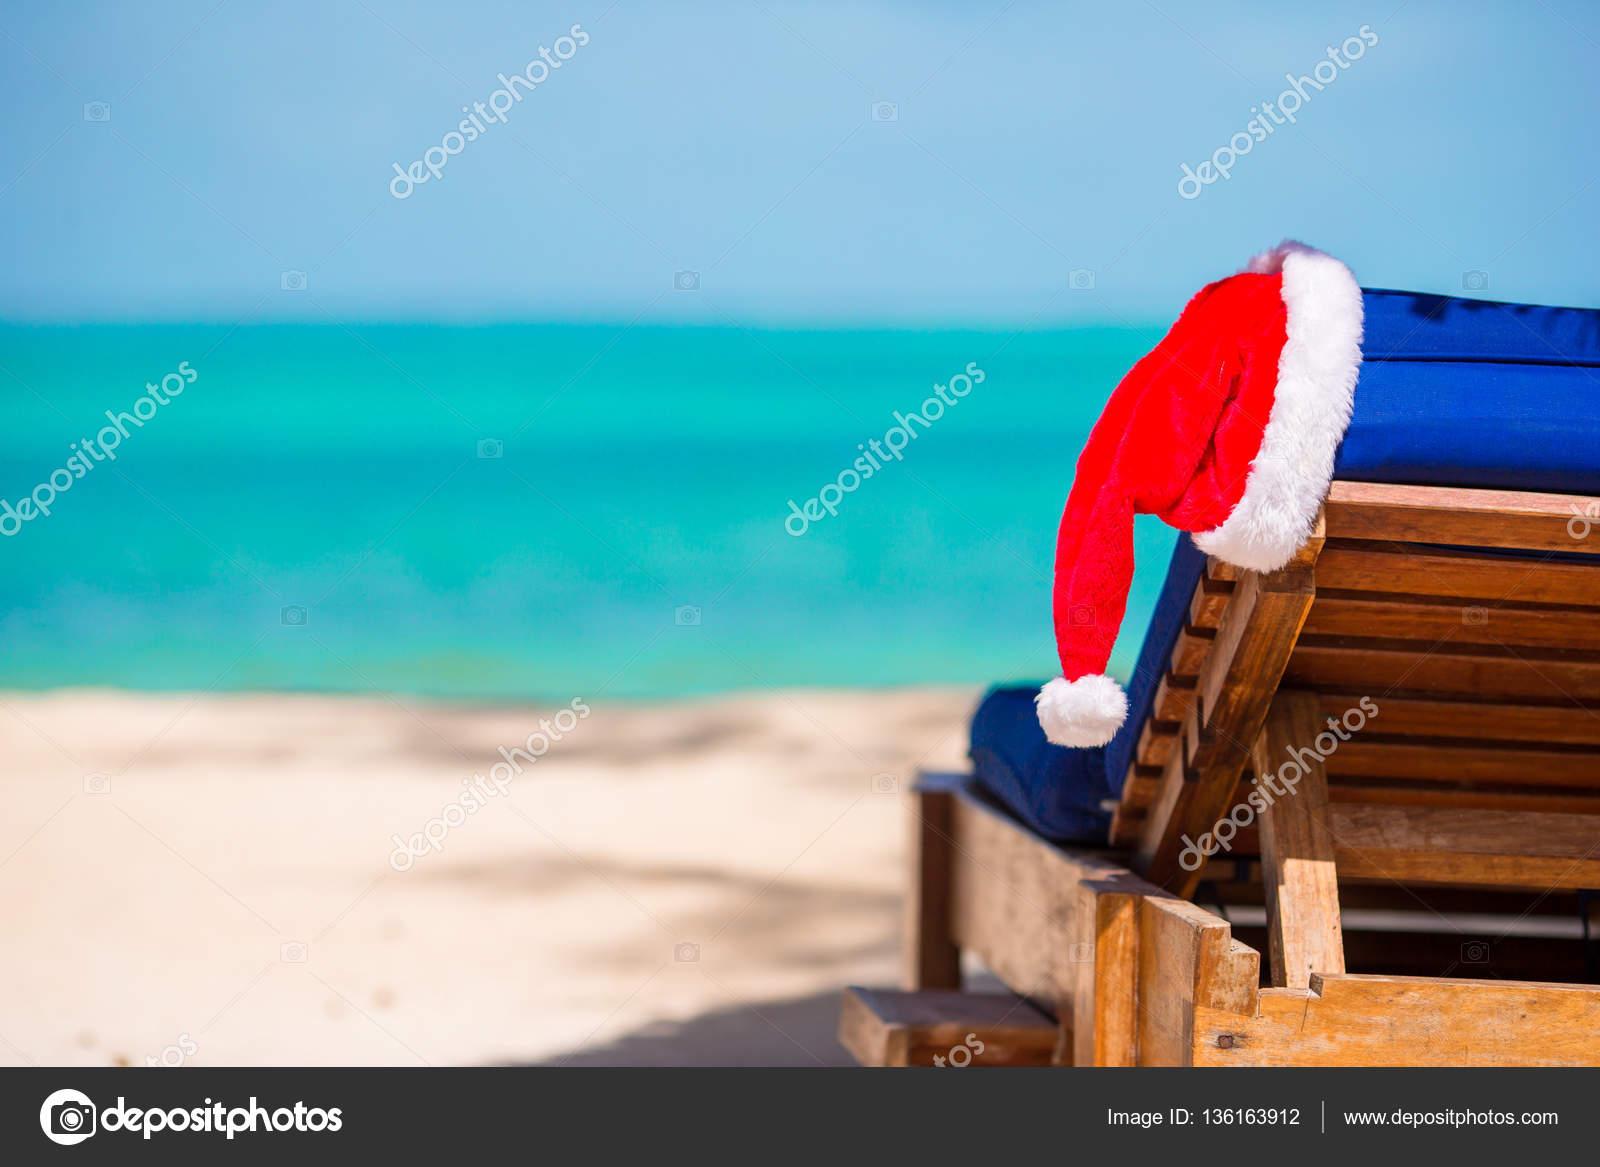 Claus Sur Avec Chapeau Plage Mer L'eau Chaise Longue De Santa b7v6Yfgy